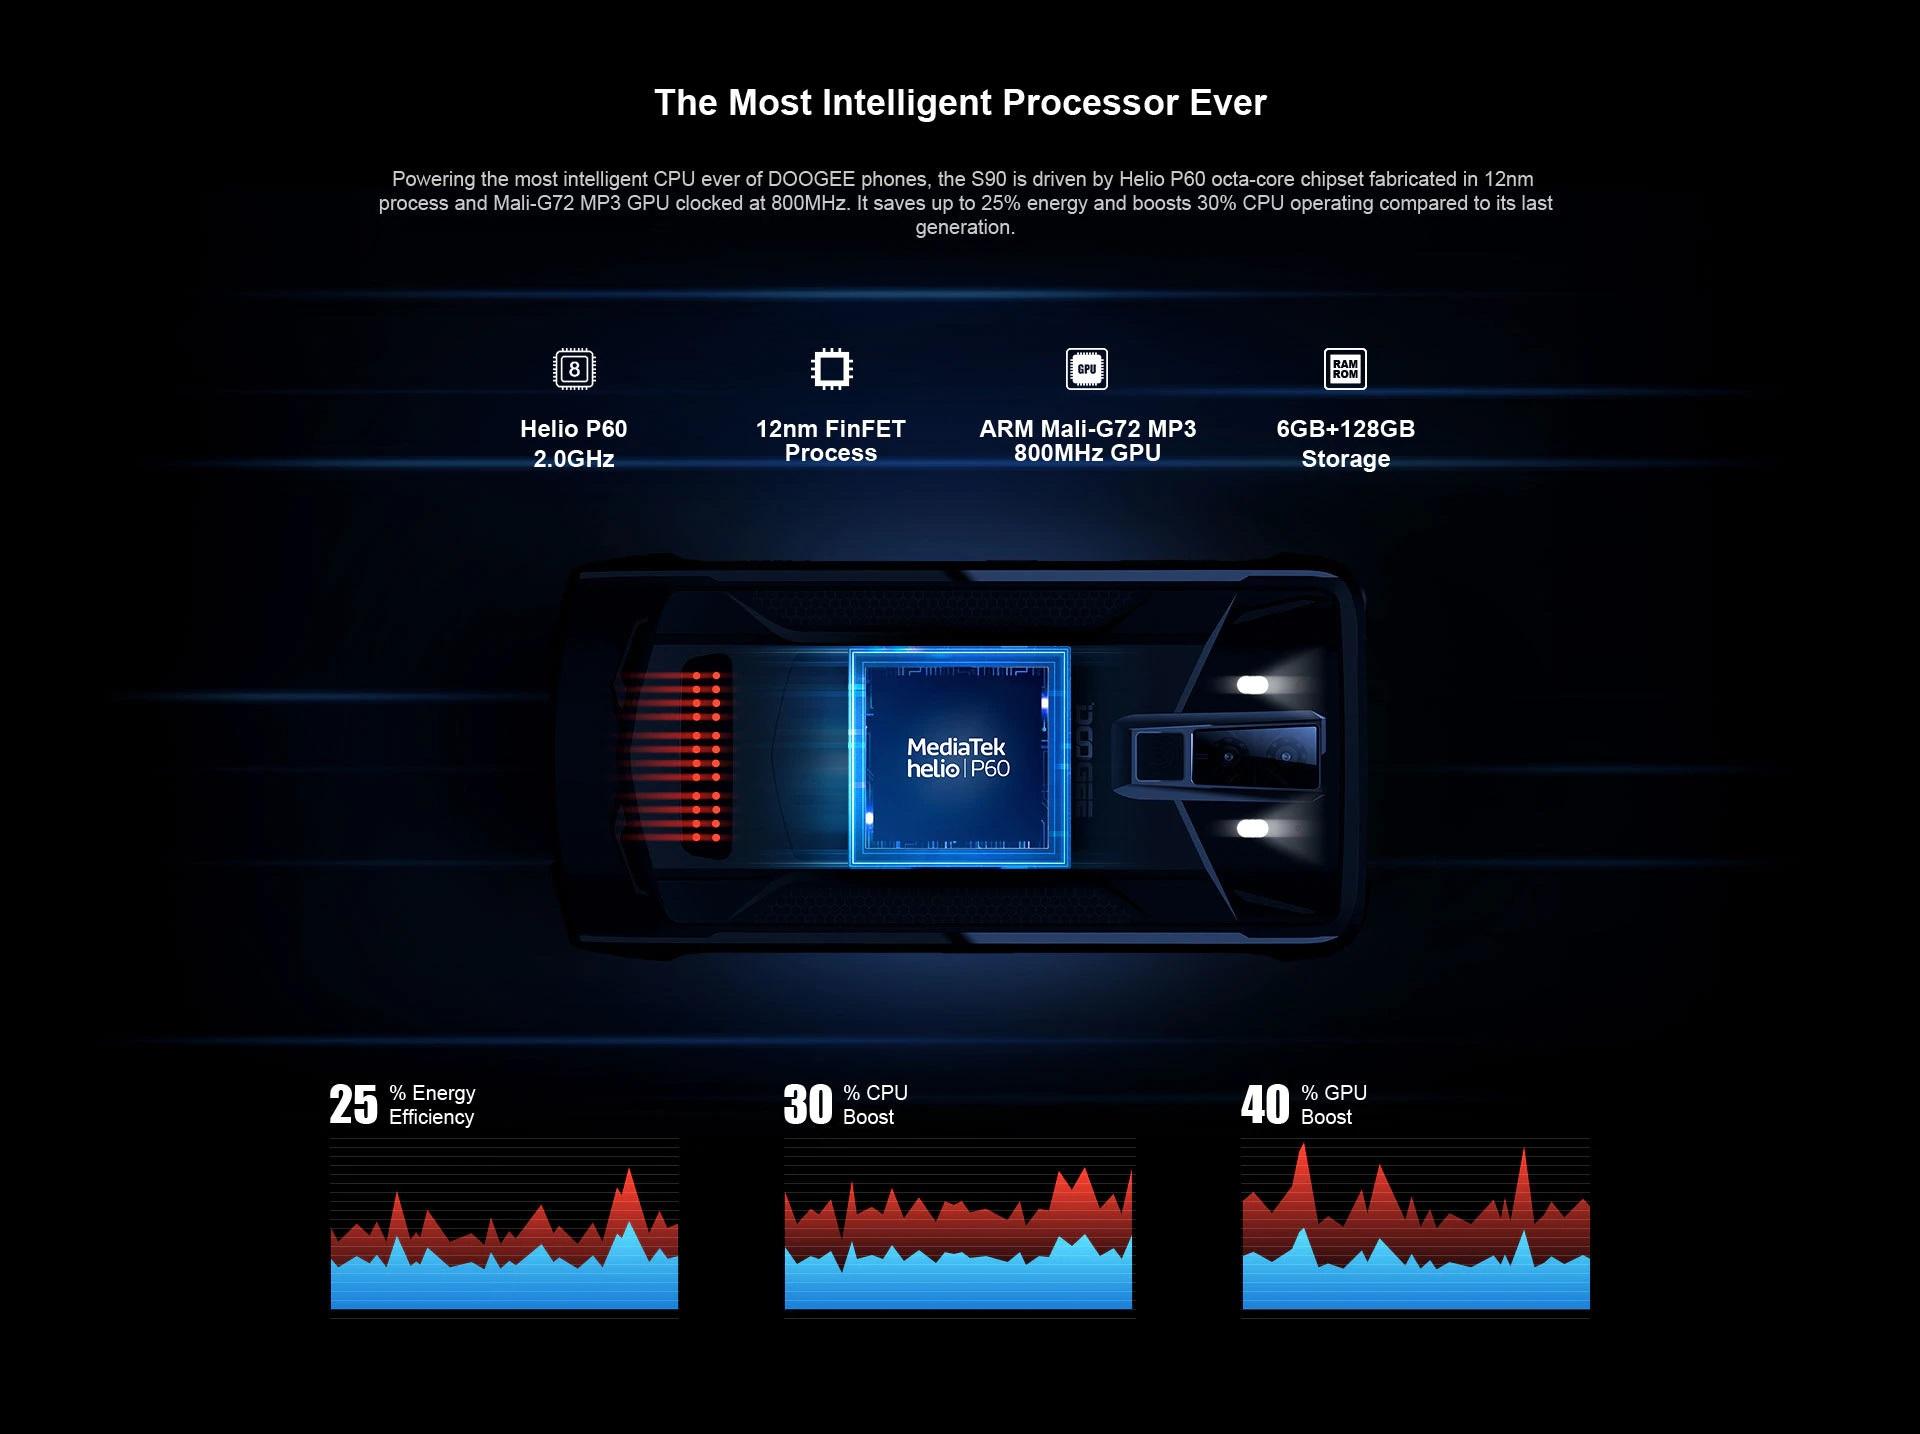 DOOGEE_S90_procesor